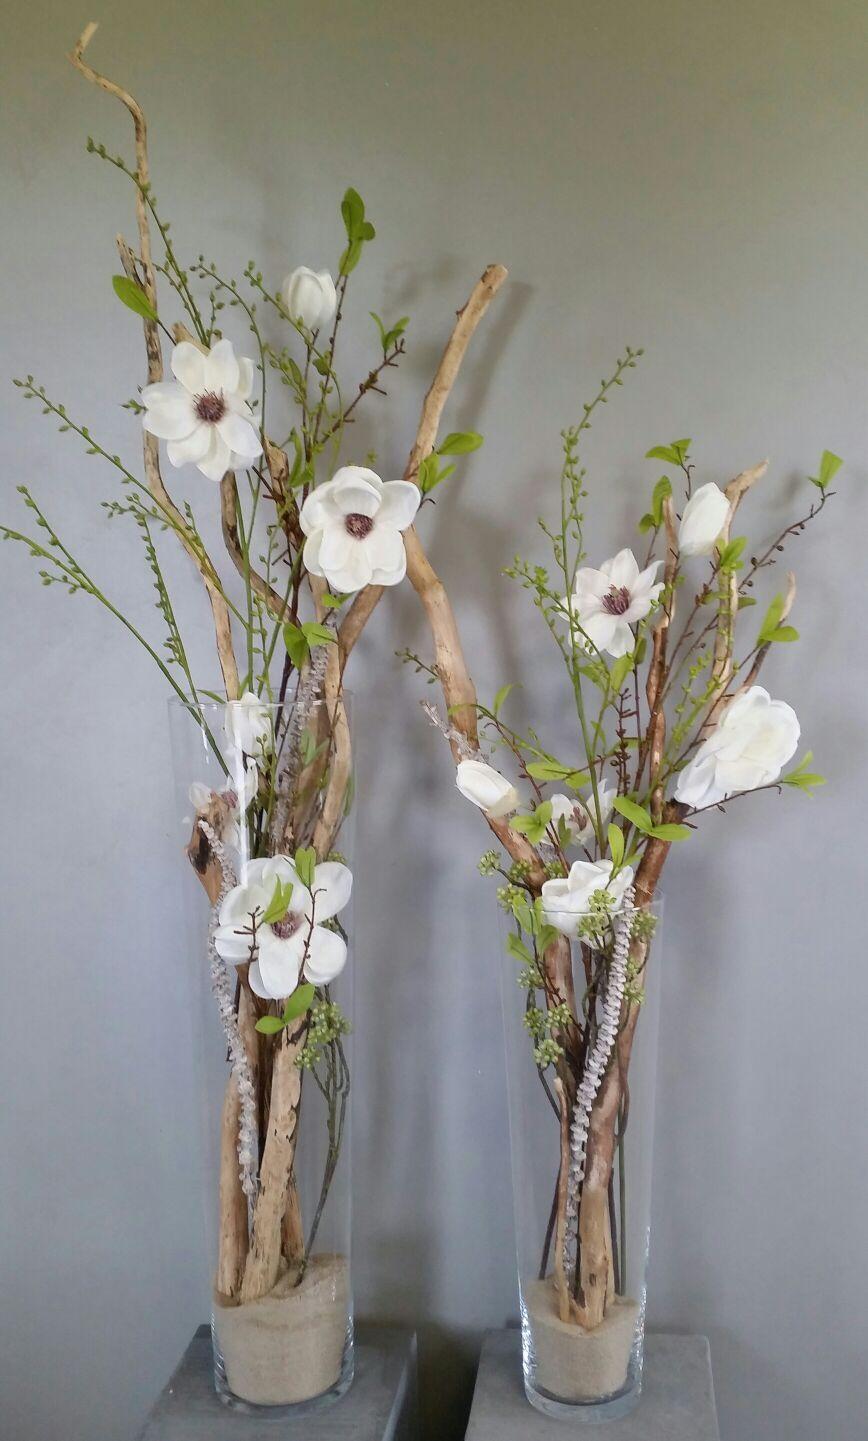 Zijde Bloemen En Decoratietakken In Smalle Glazen Vaas Mooie Combinatie Www Decoratietakken Nl Vaas Decoraties Bloem Ambachten Vazen Decoreren